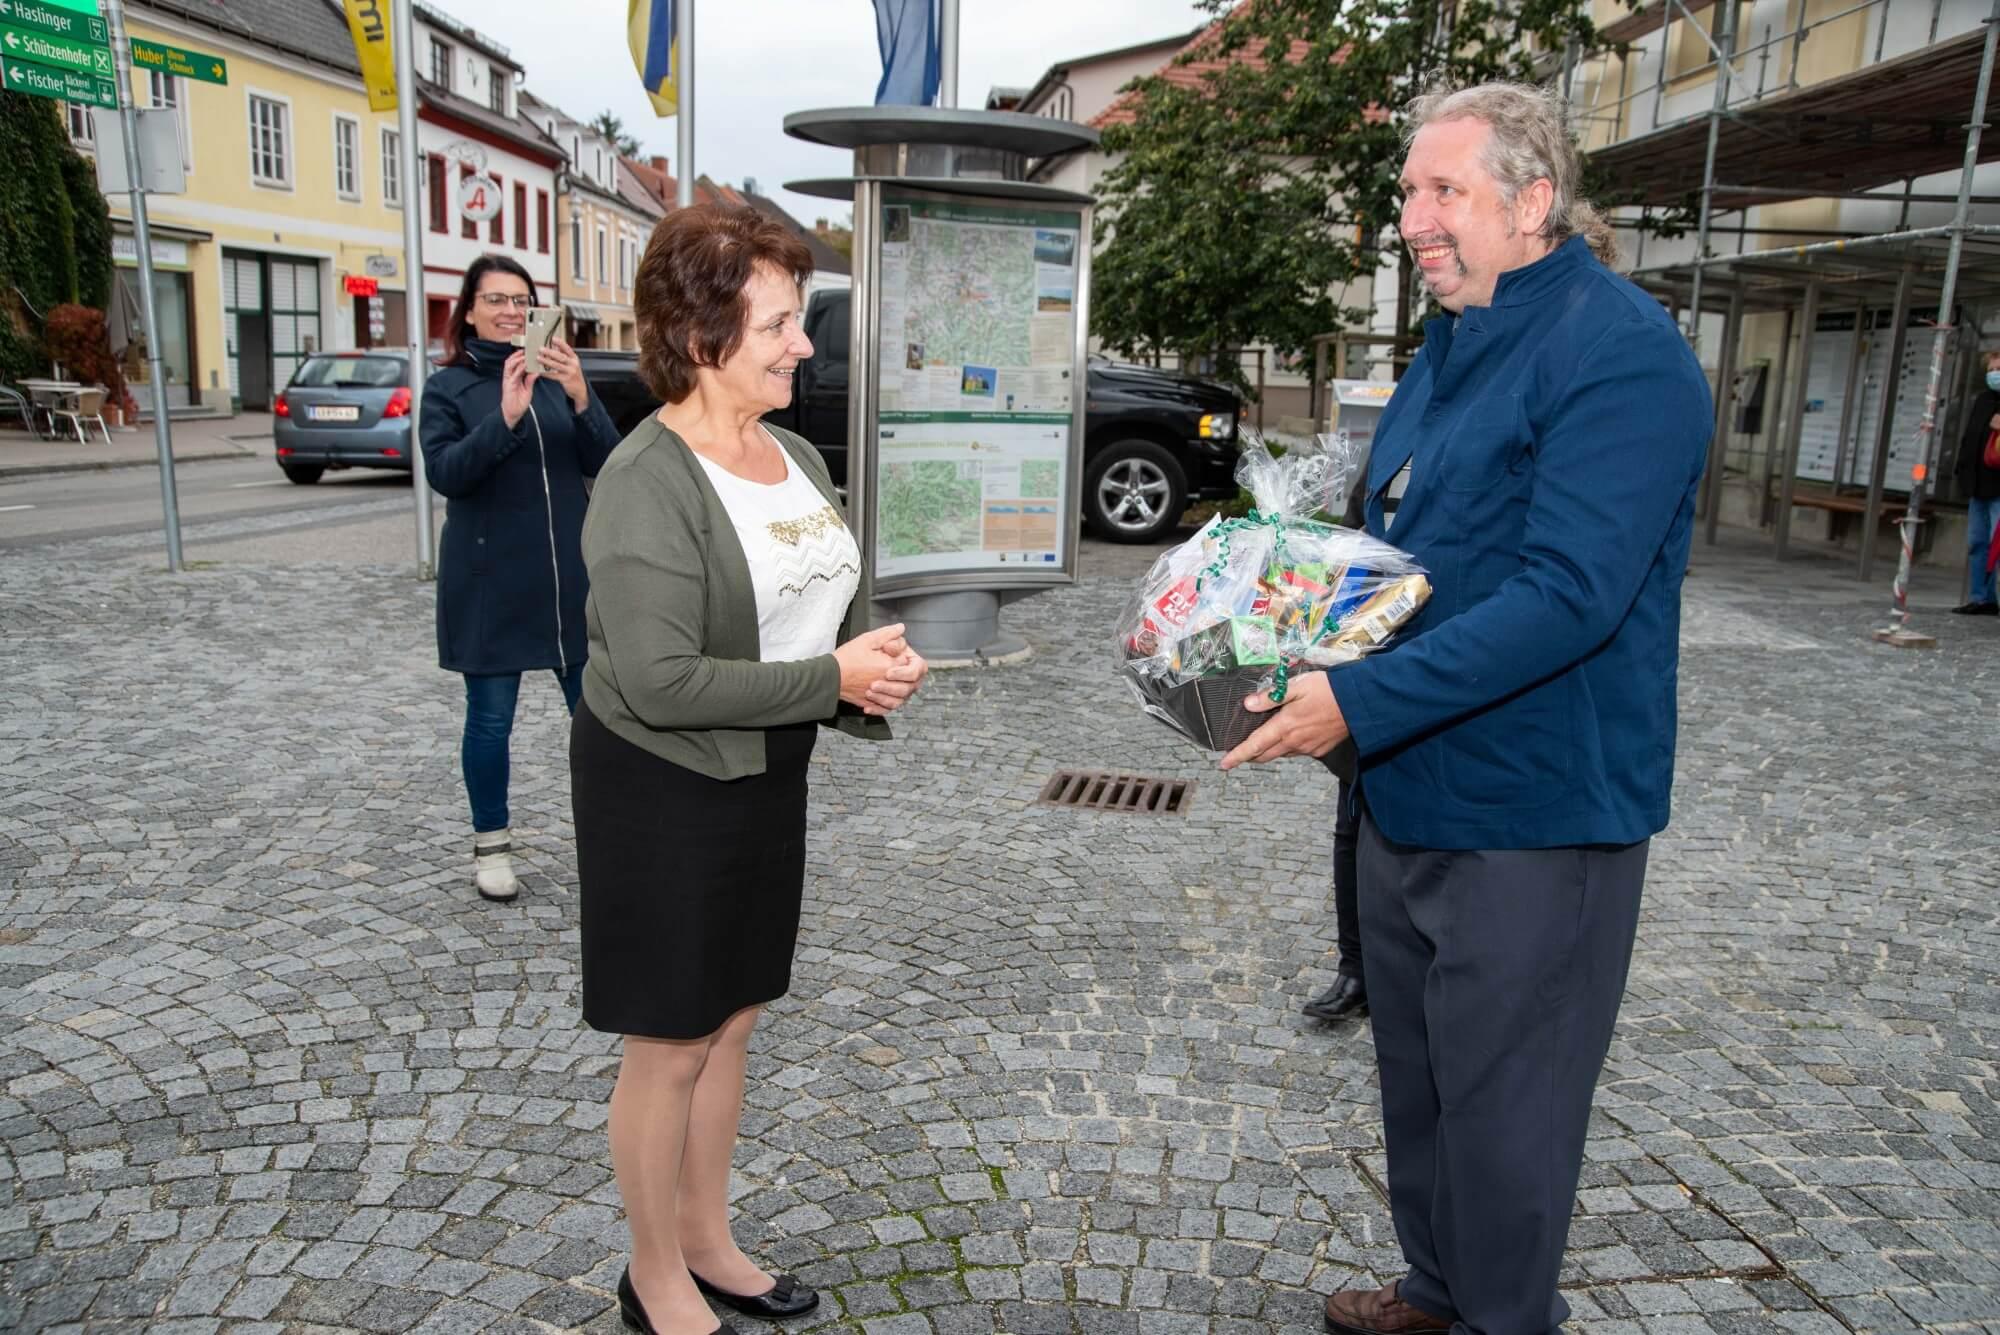 Die Bürgermeisterin von Gföhl, Ludmilla Etzenberger, überreicht Robert Kastner einen Geschenkekorb.